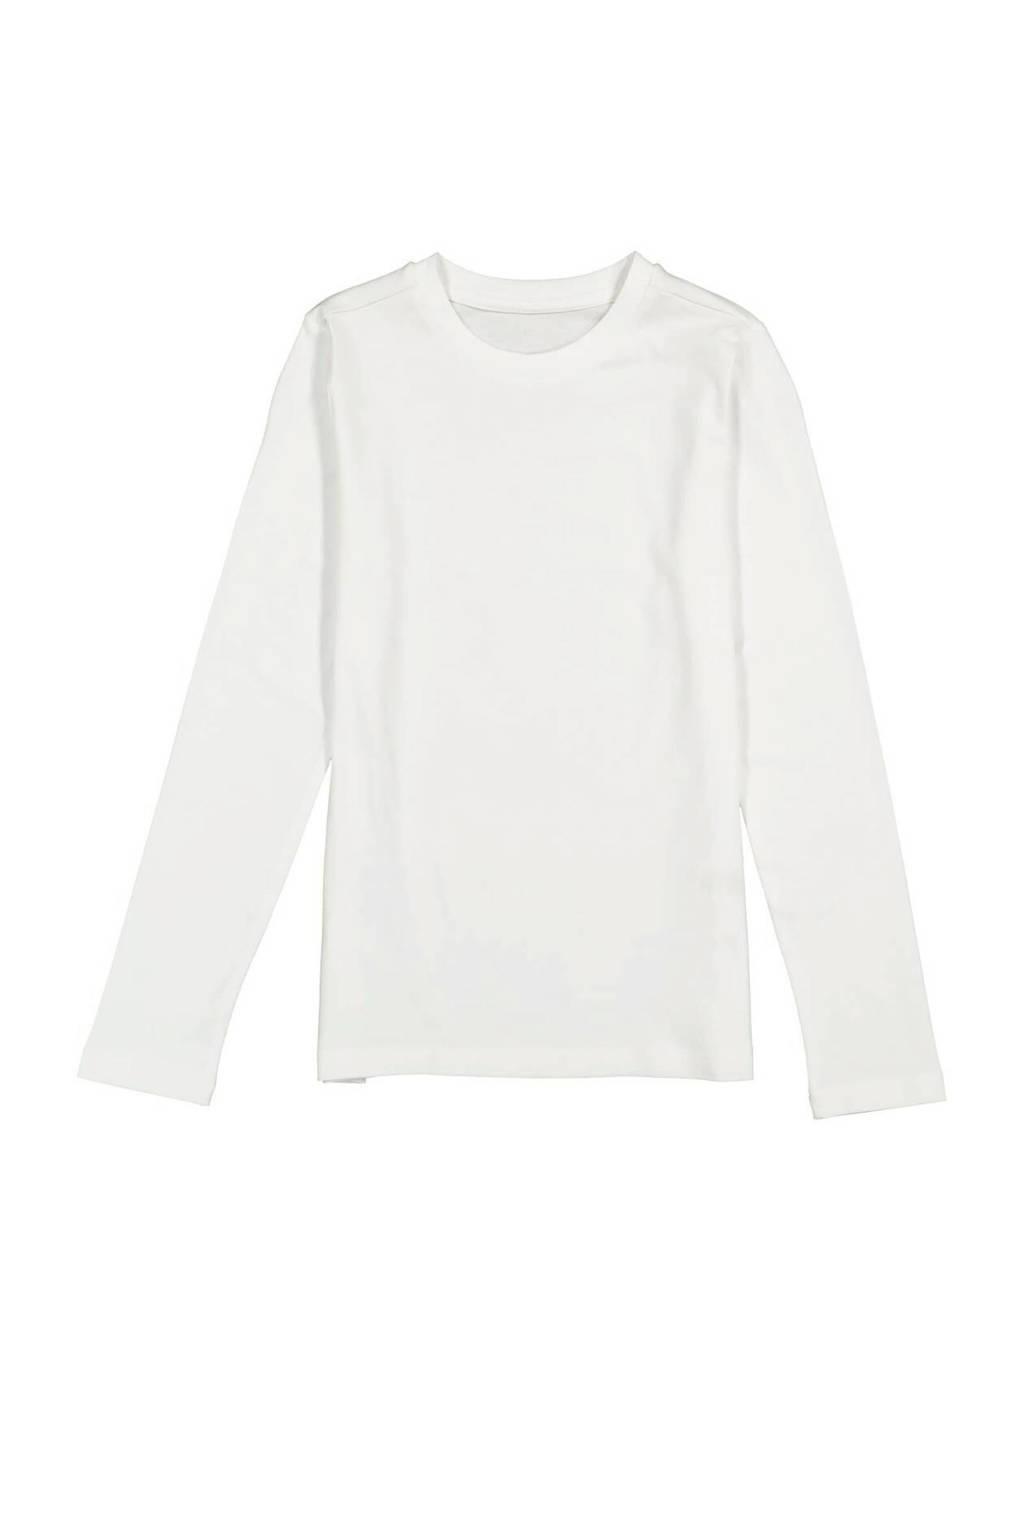 HEMA basic longsleeve wit, Lange mouw